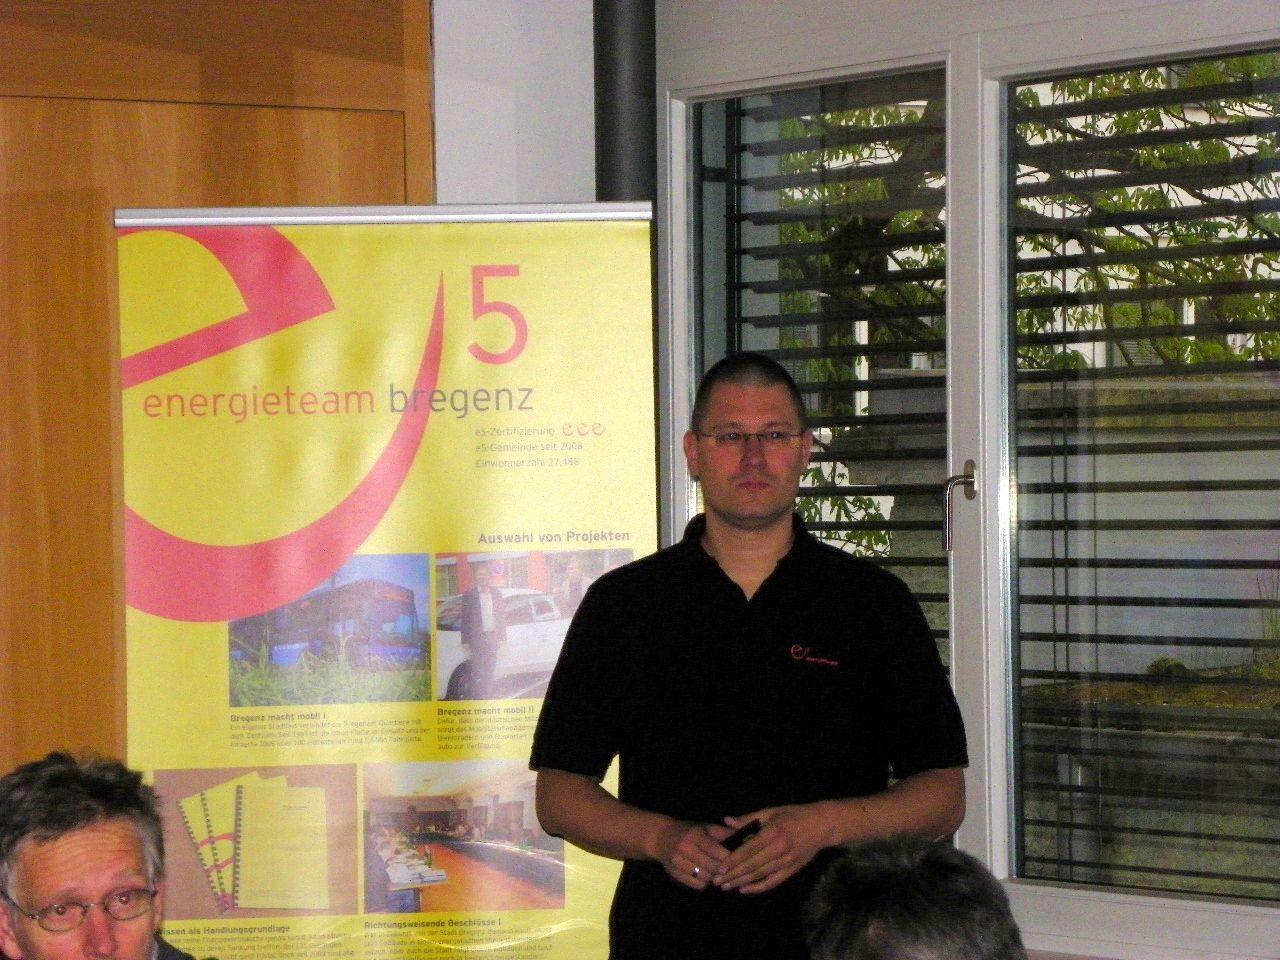 Fotovoltaikanlagen sind ein Anliegen des Team e5